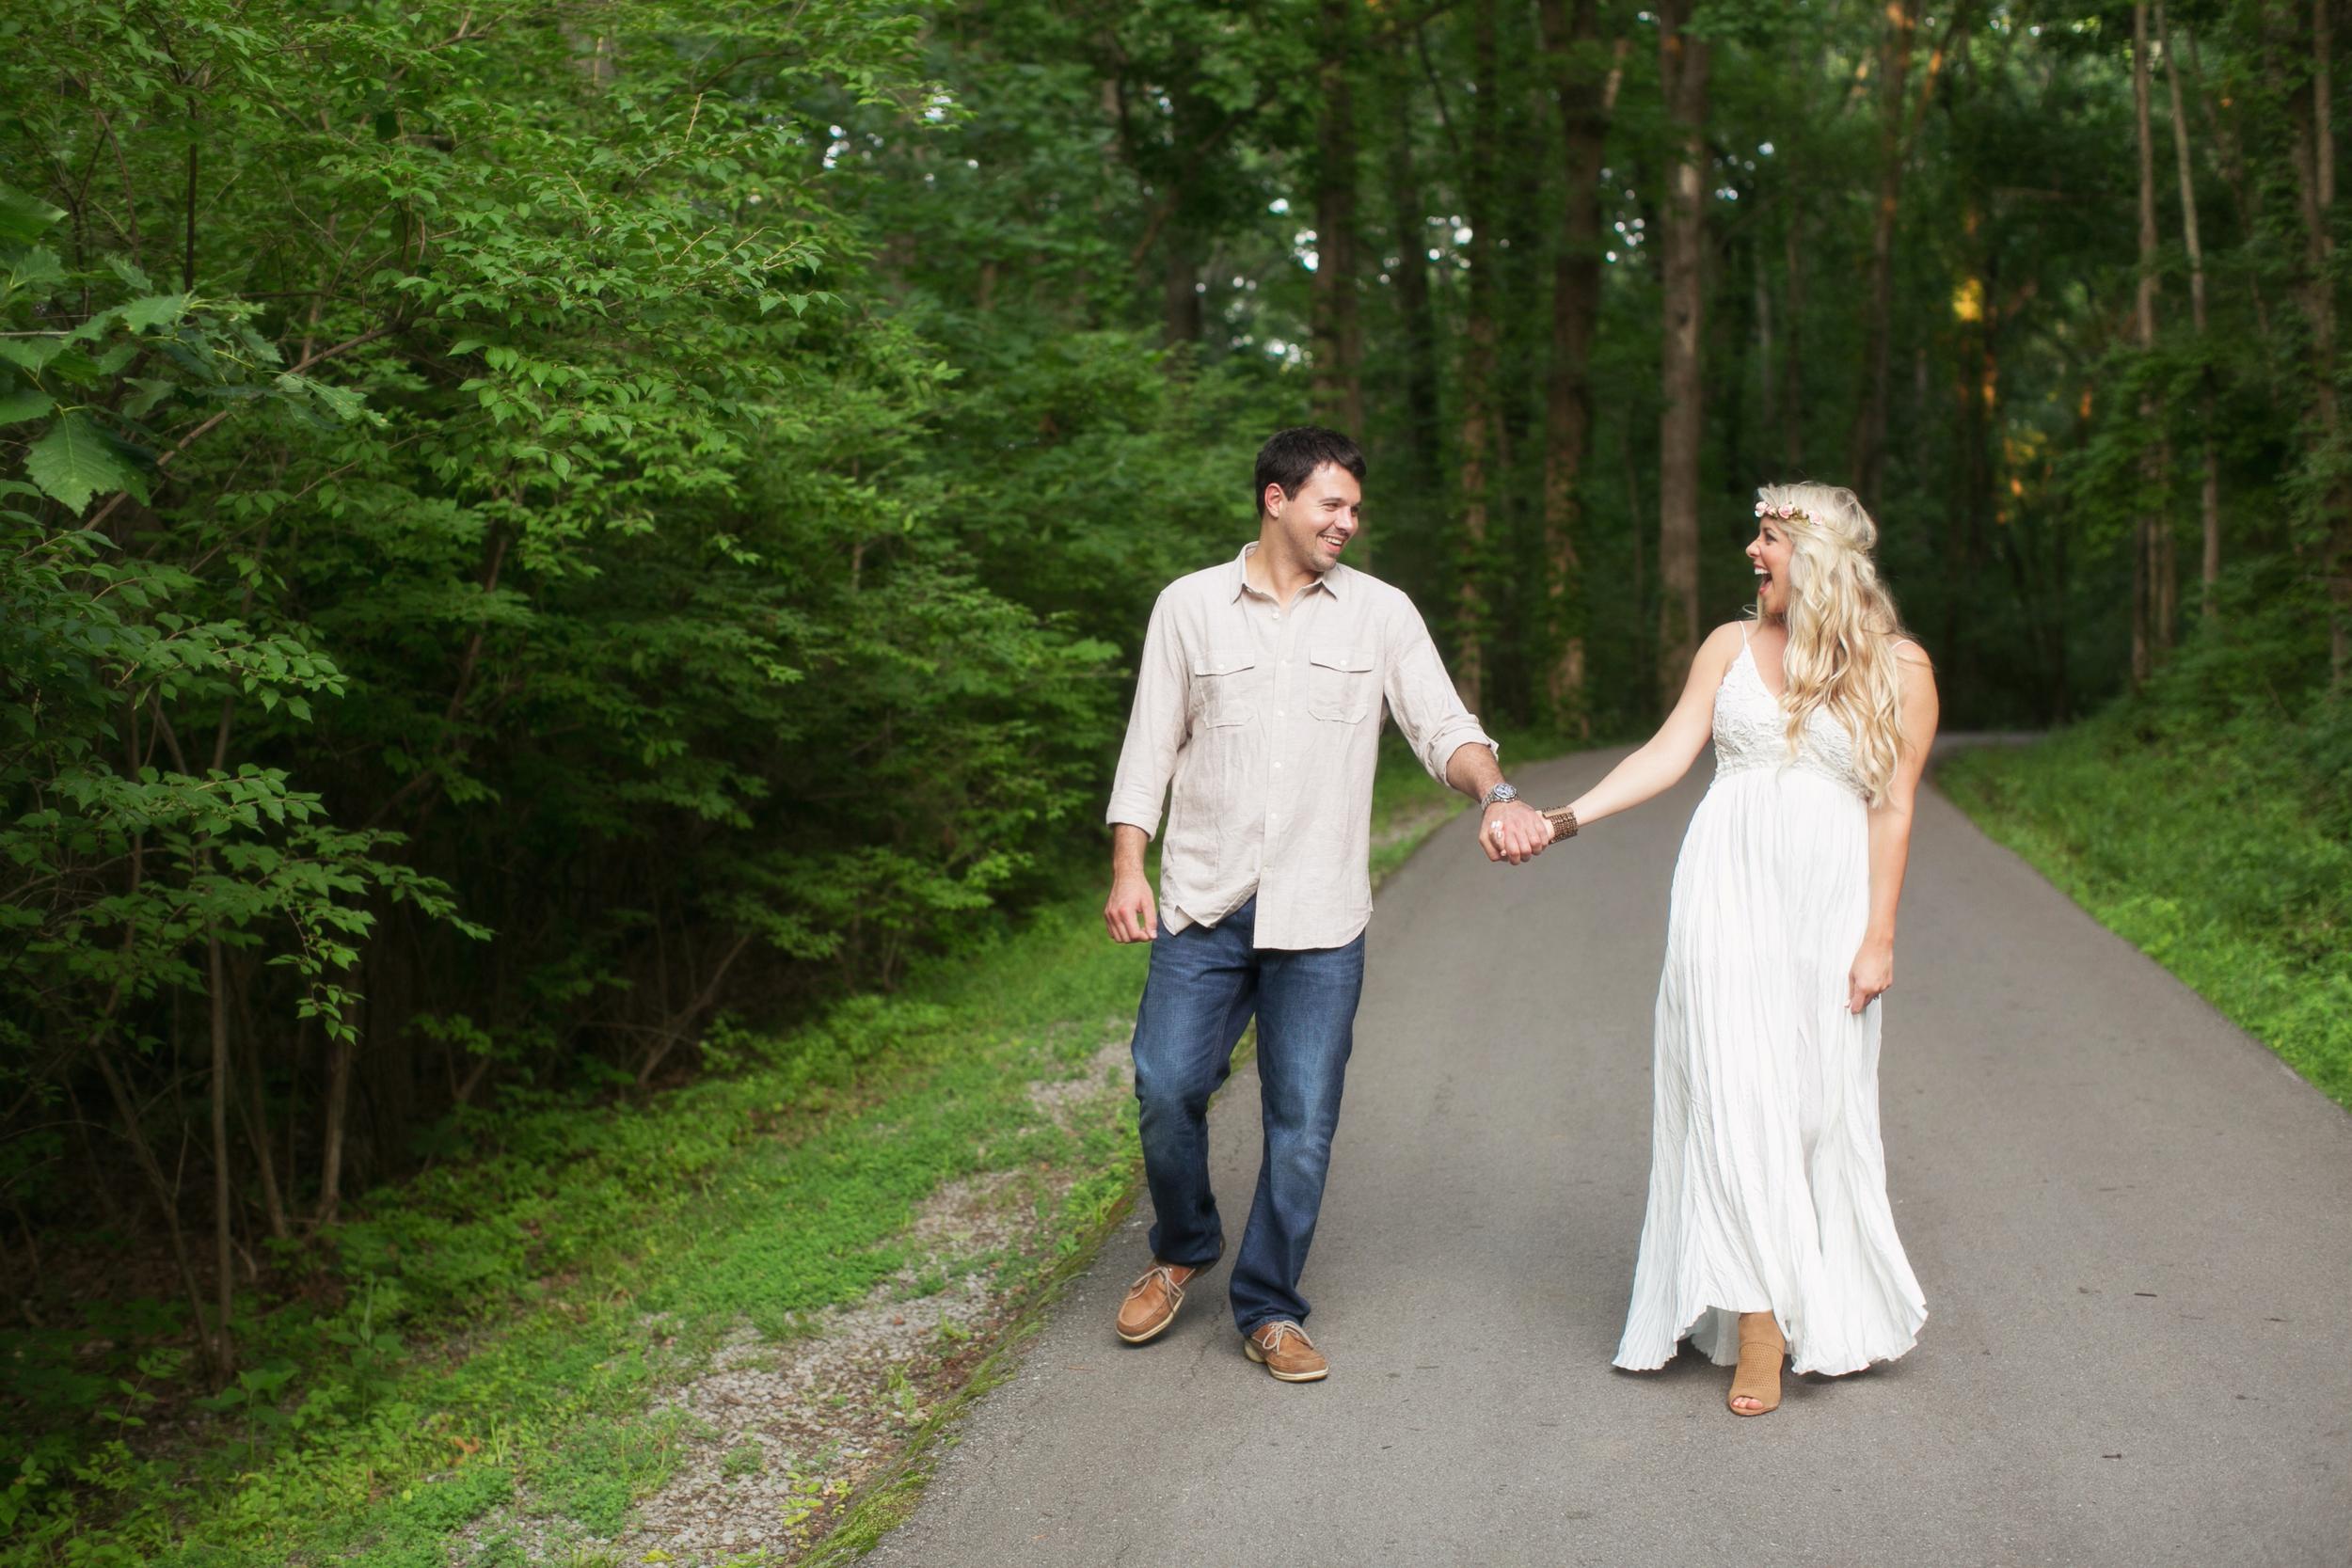 St-Louis-Engagement-Wedding-Photographer-AshlePhoto_0025.JPG